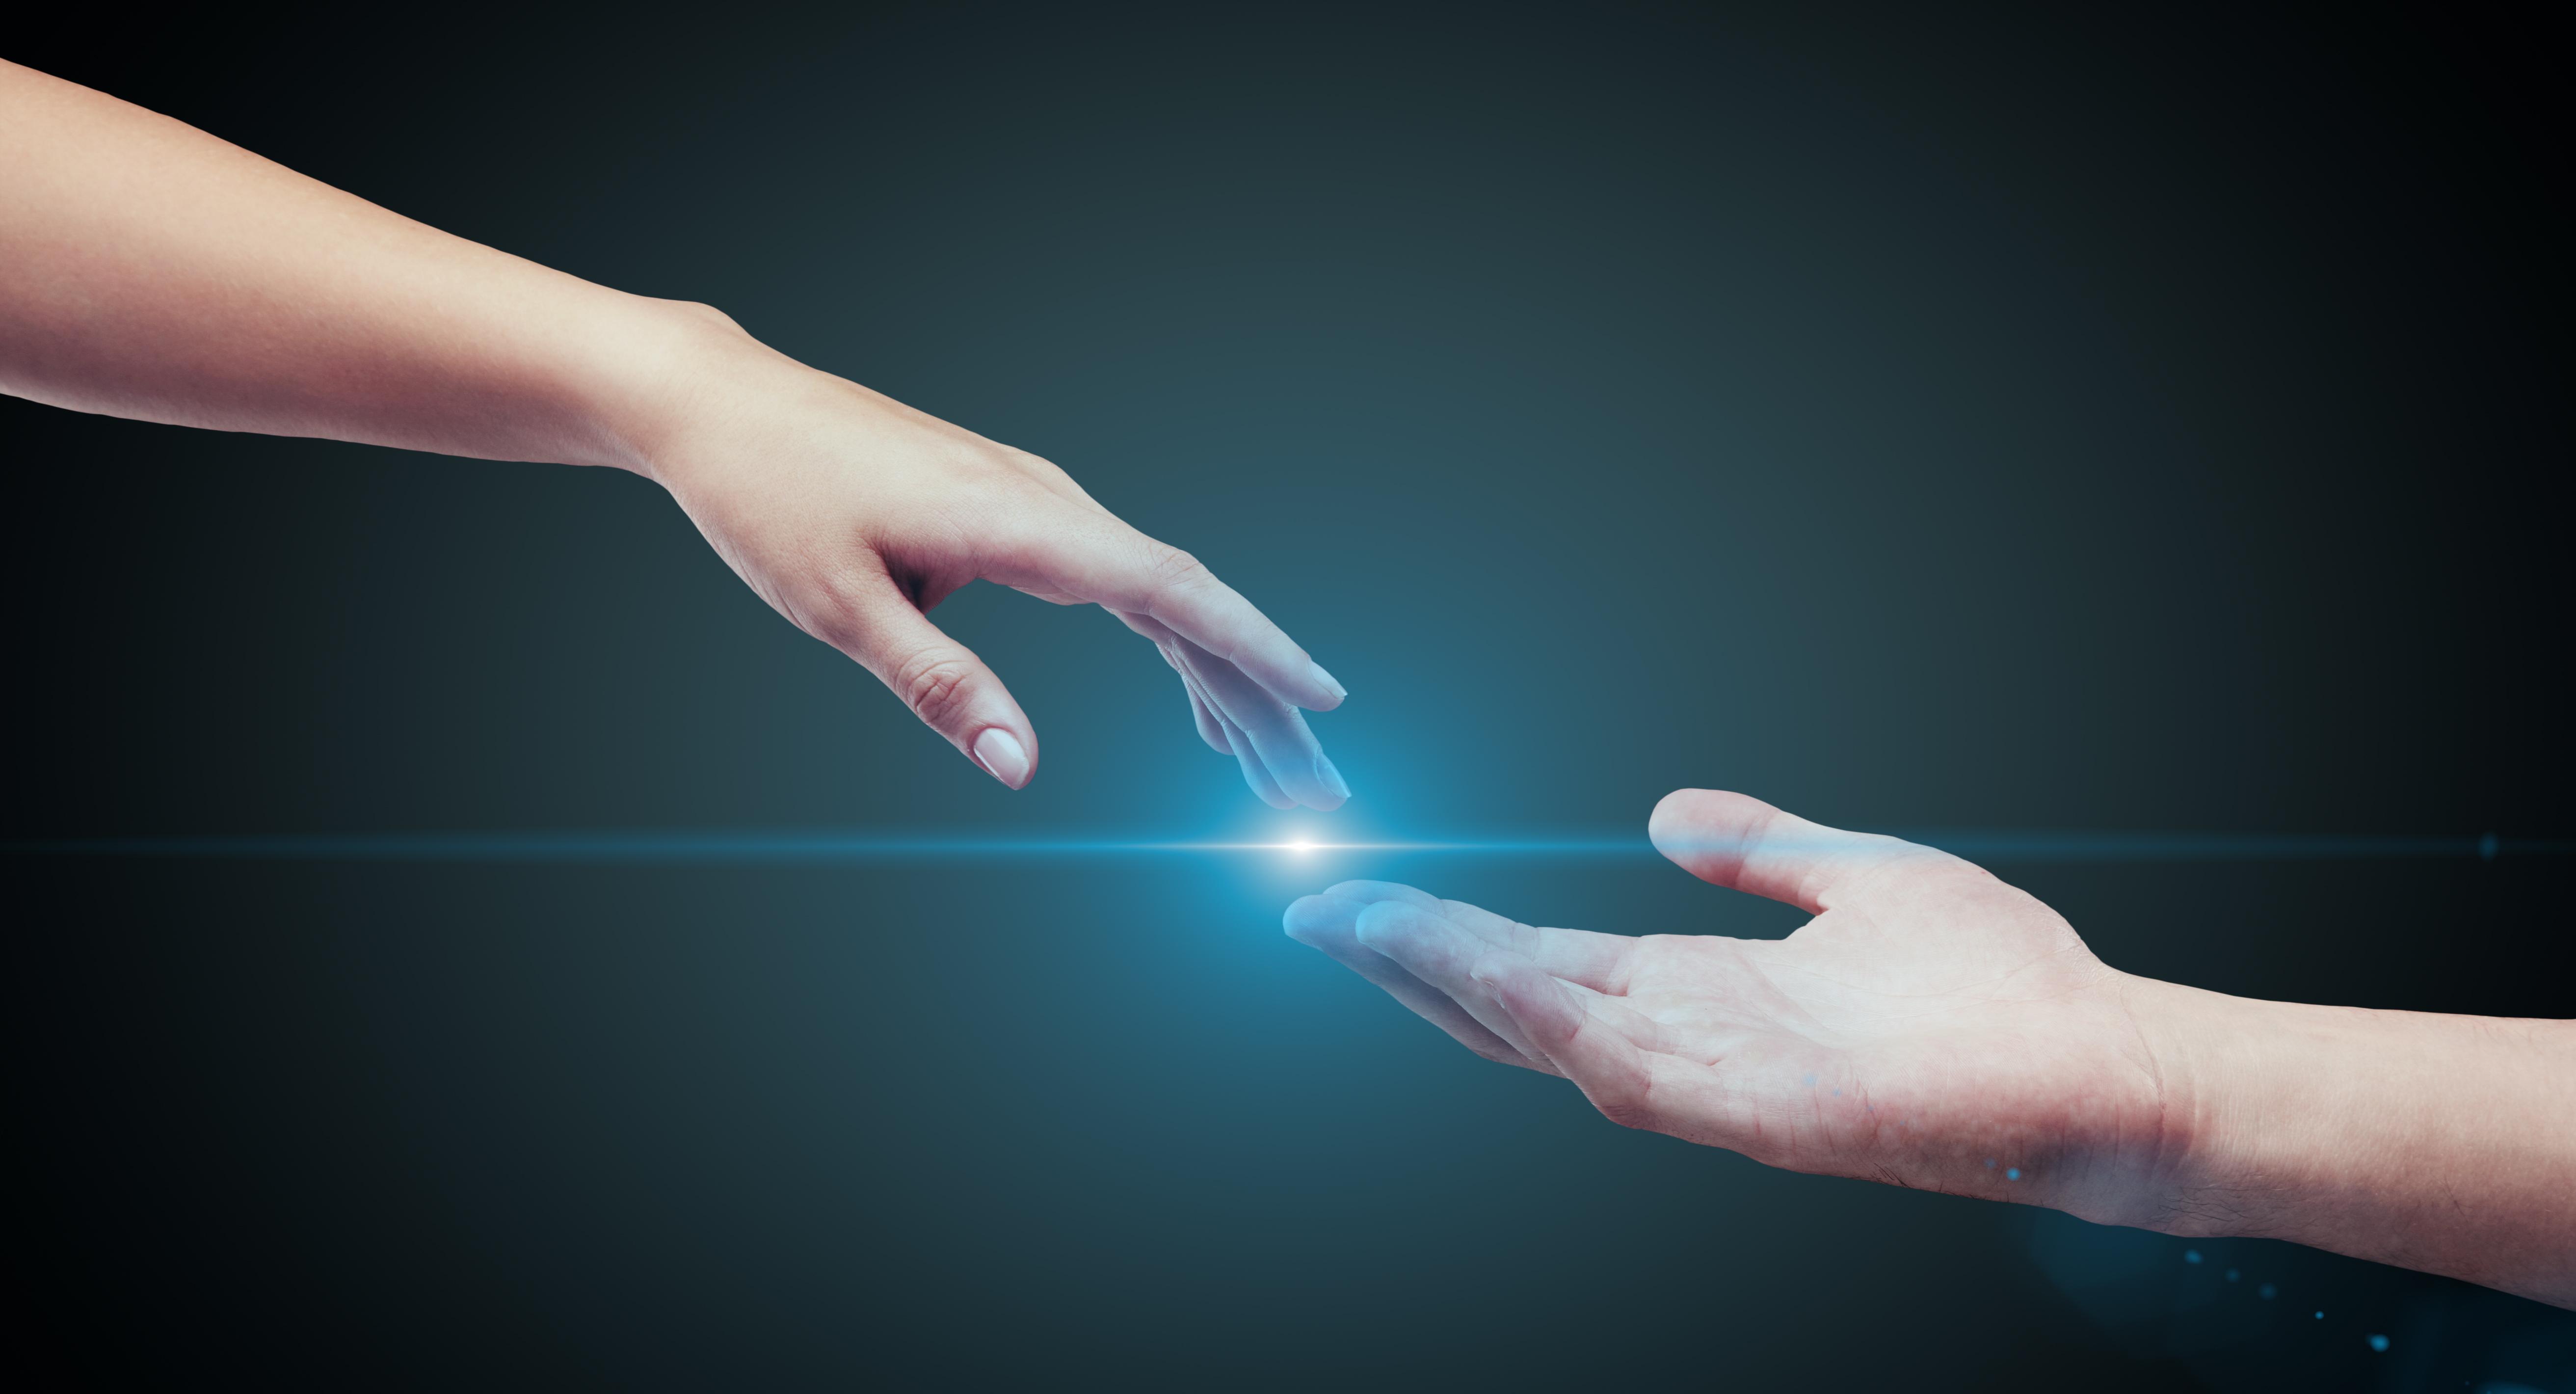 руки тянутся друг к другу картинки без фона создала вокруг себя